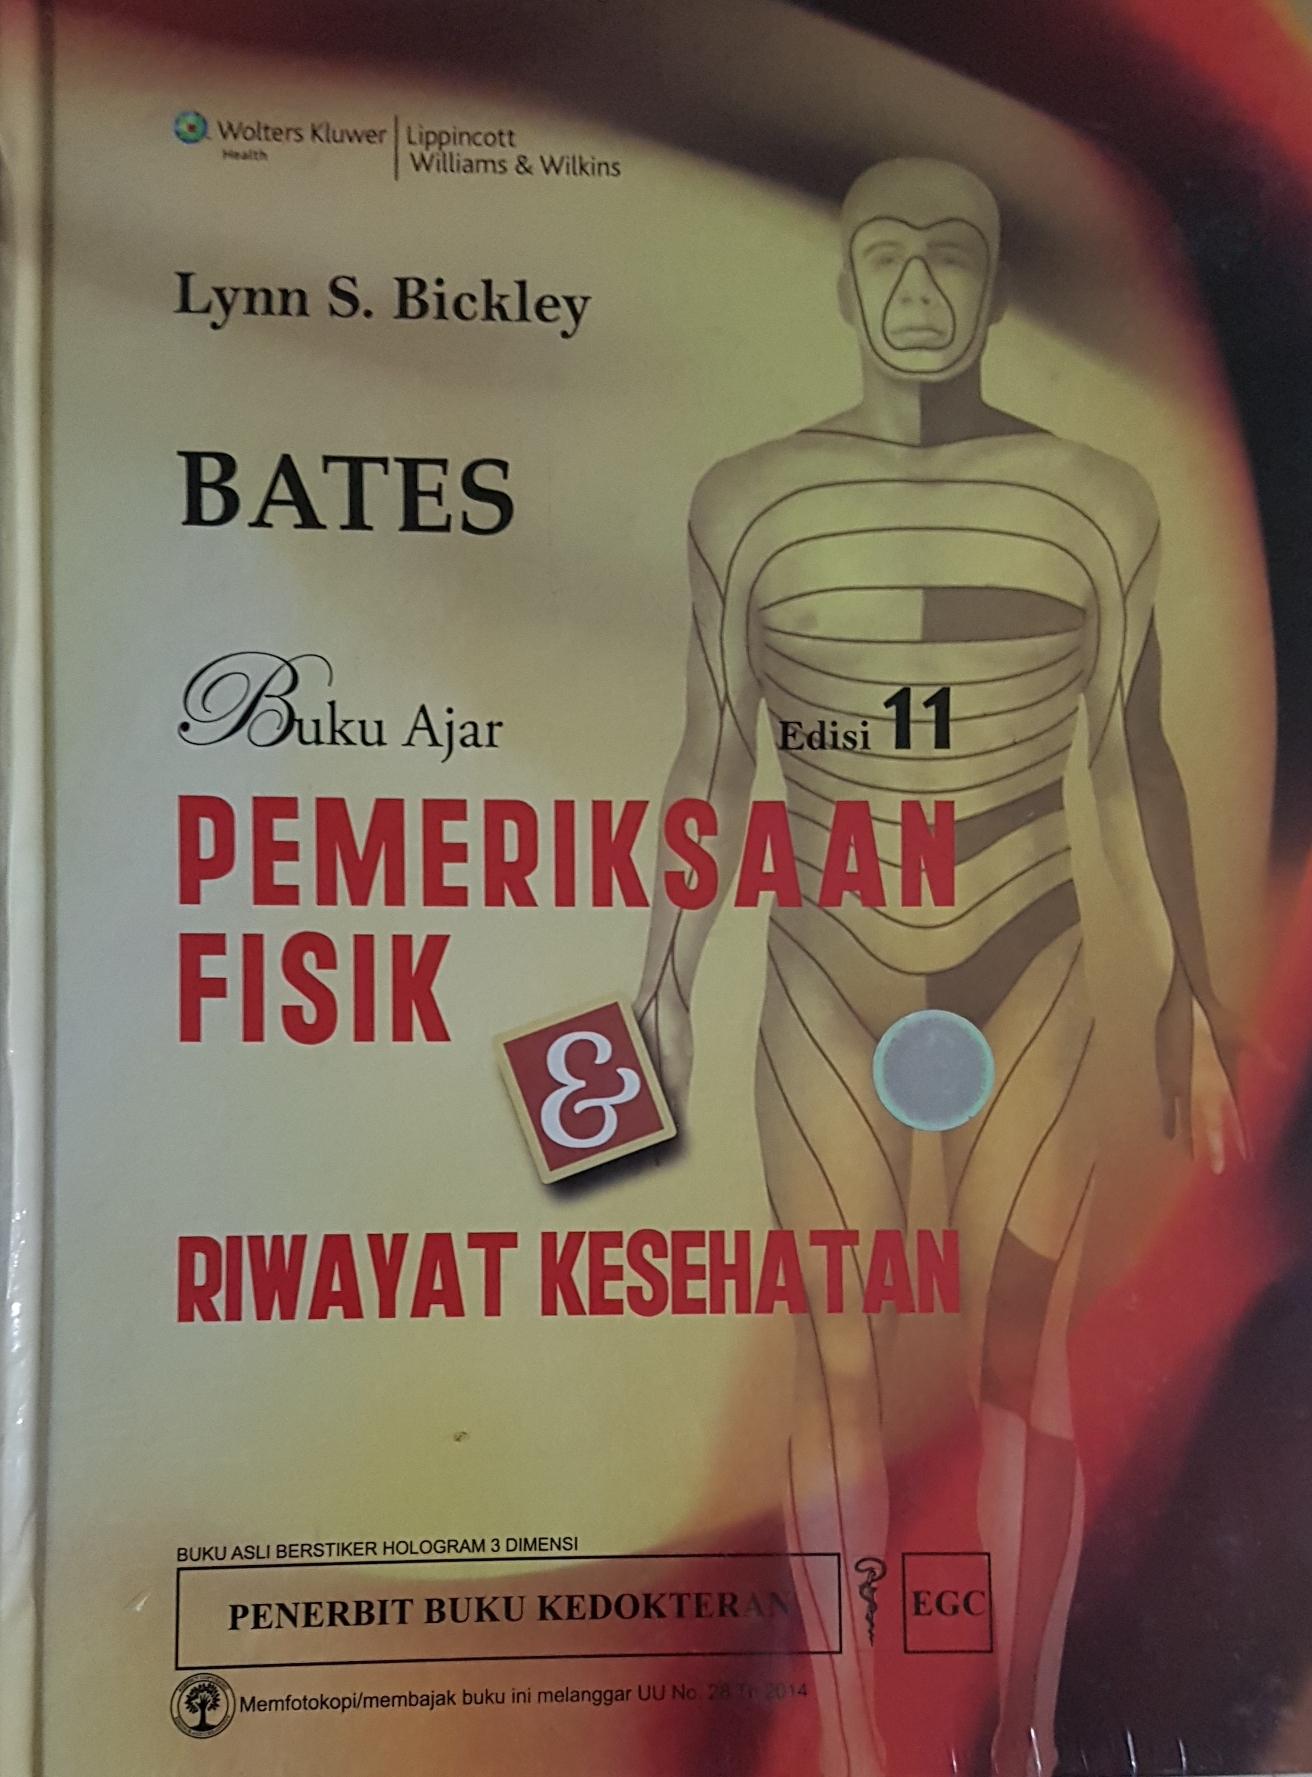 [ORIGINAL] Bates Buku Ajar Pemeriksaan Fisik \u0026 Riwayat Kesehatan 11e